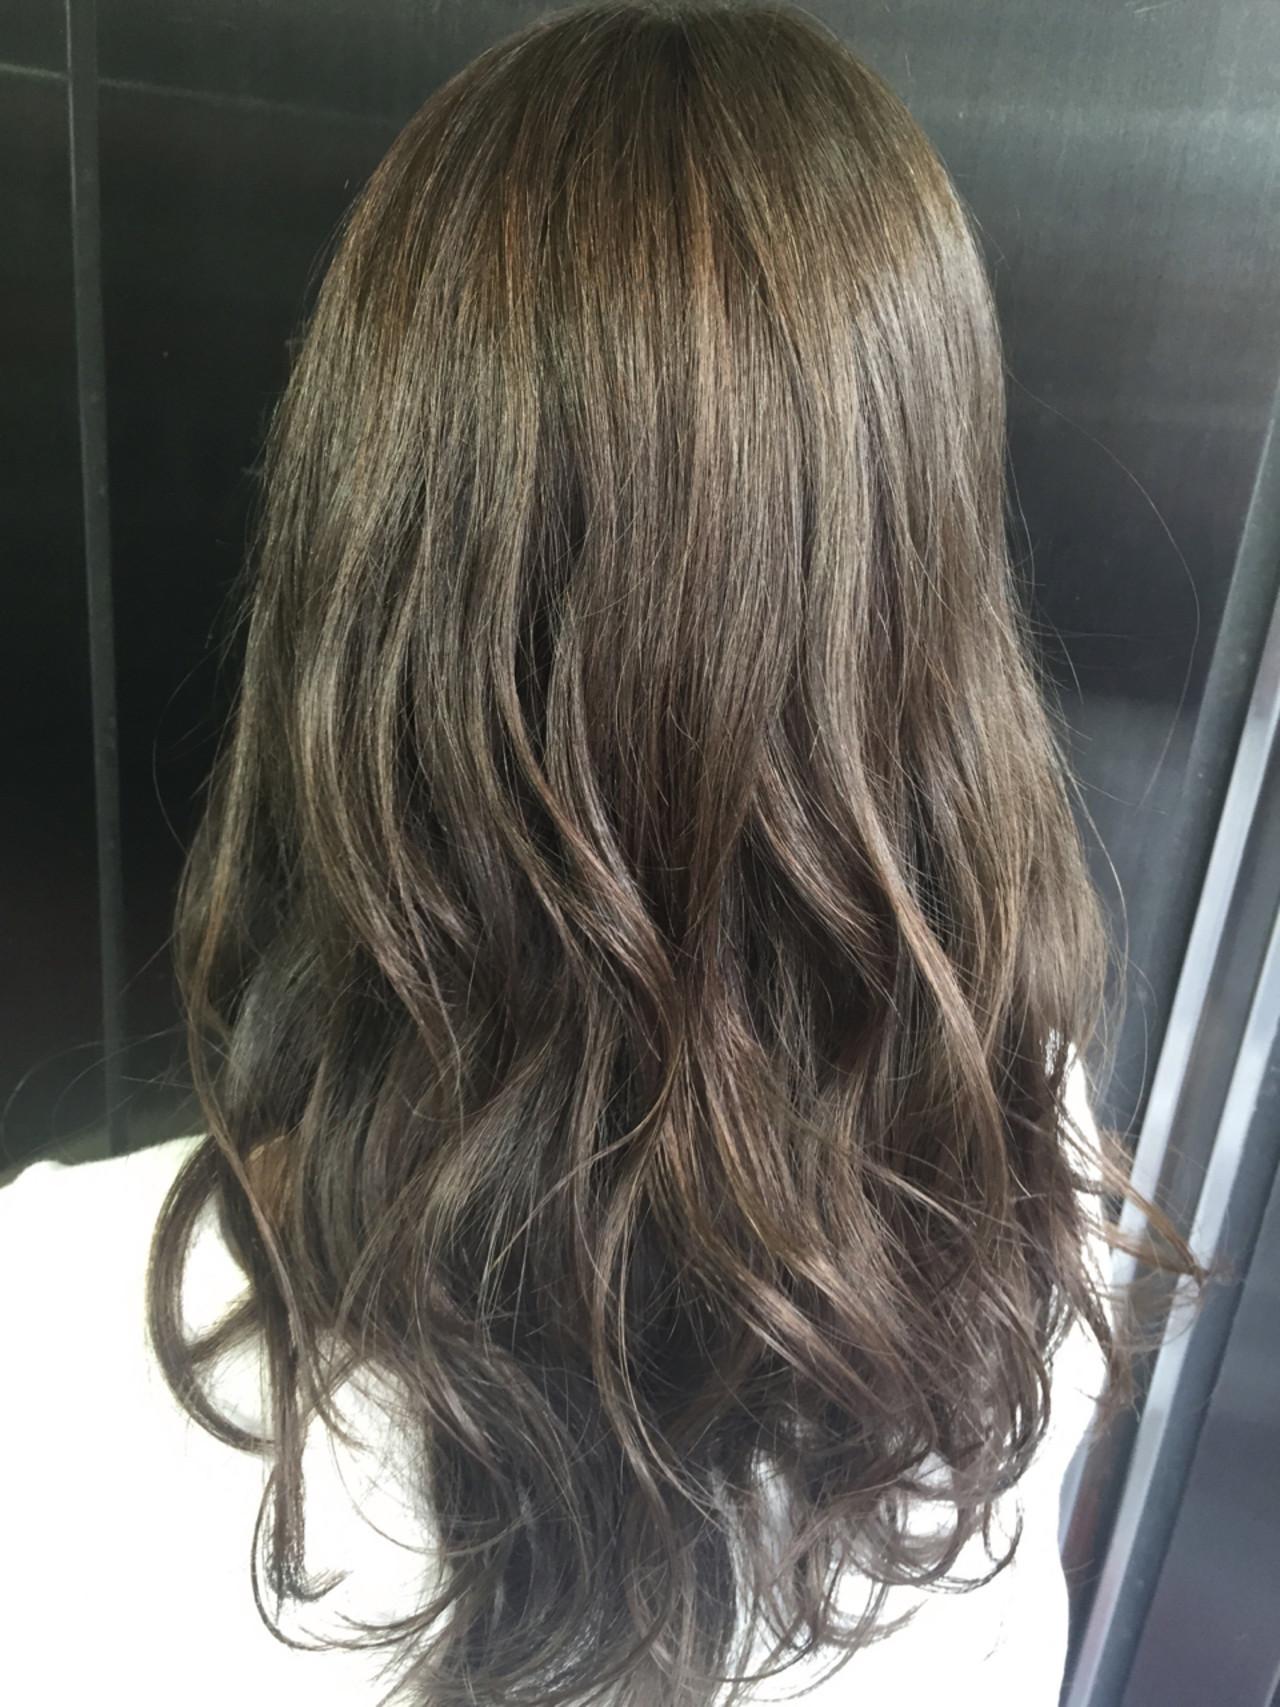 波ウェーブ オリーブアッシュ ガーリー セミロング ヘアスタイルや髪型の写真・画像